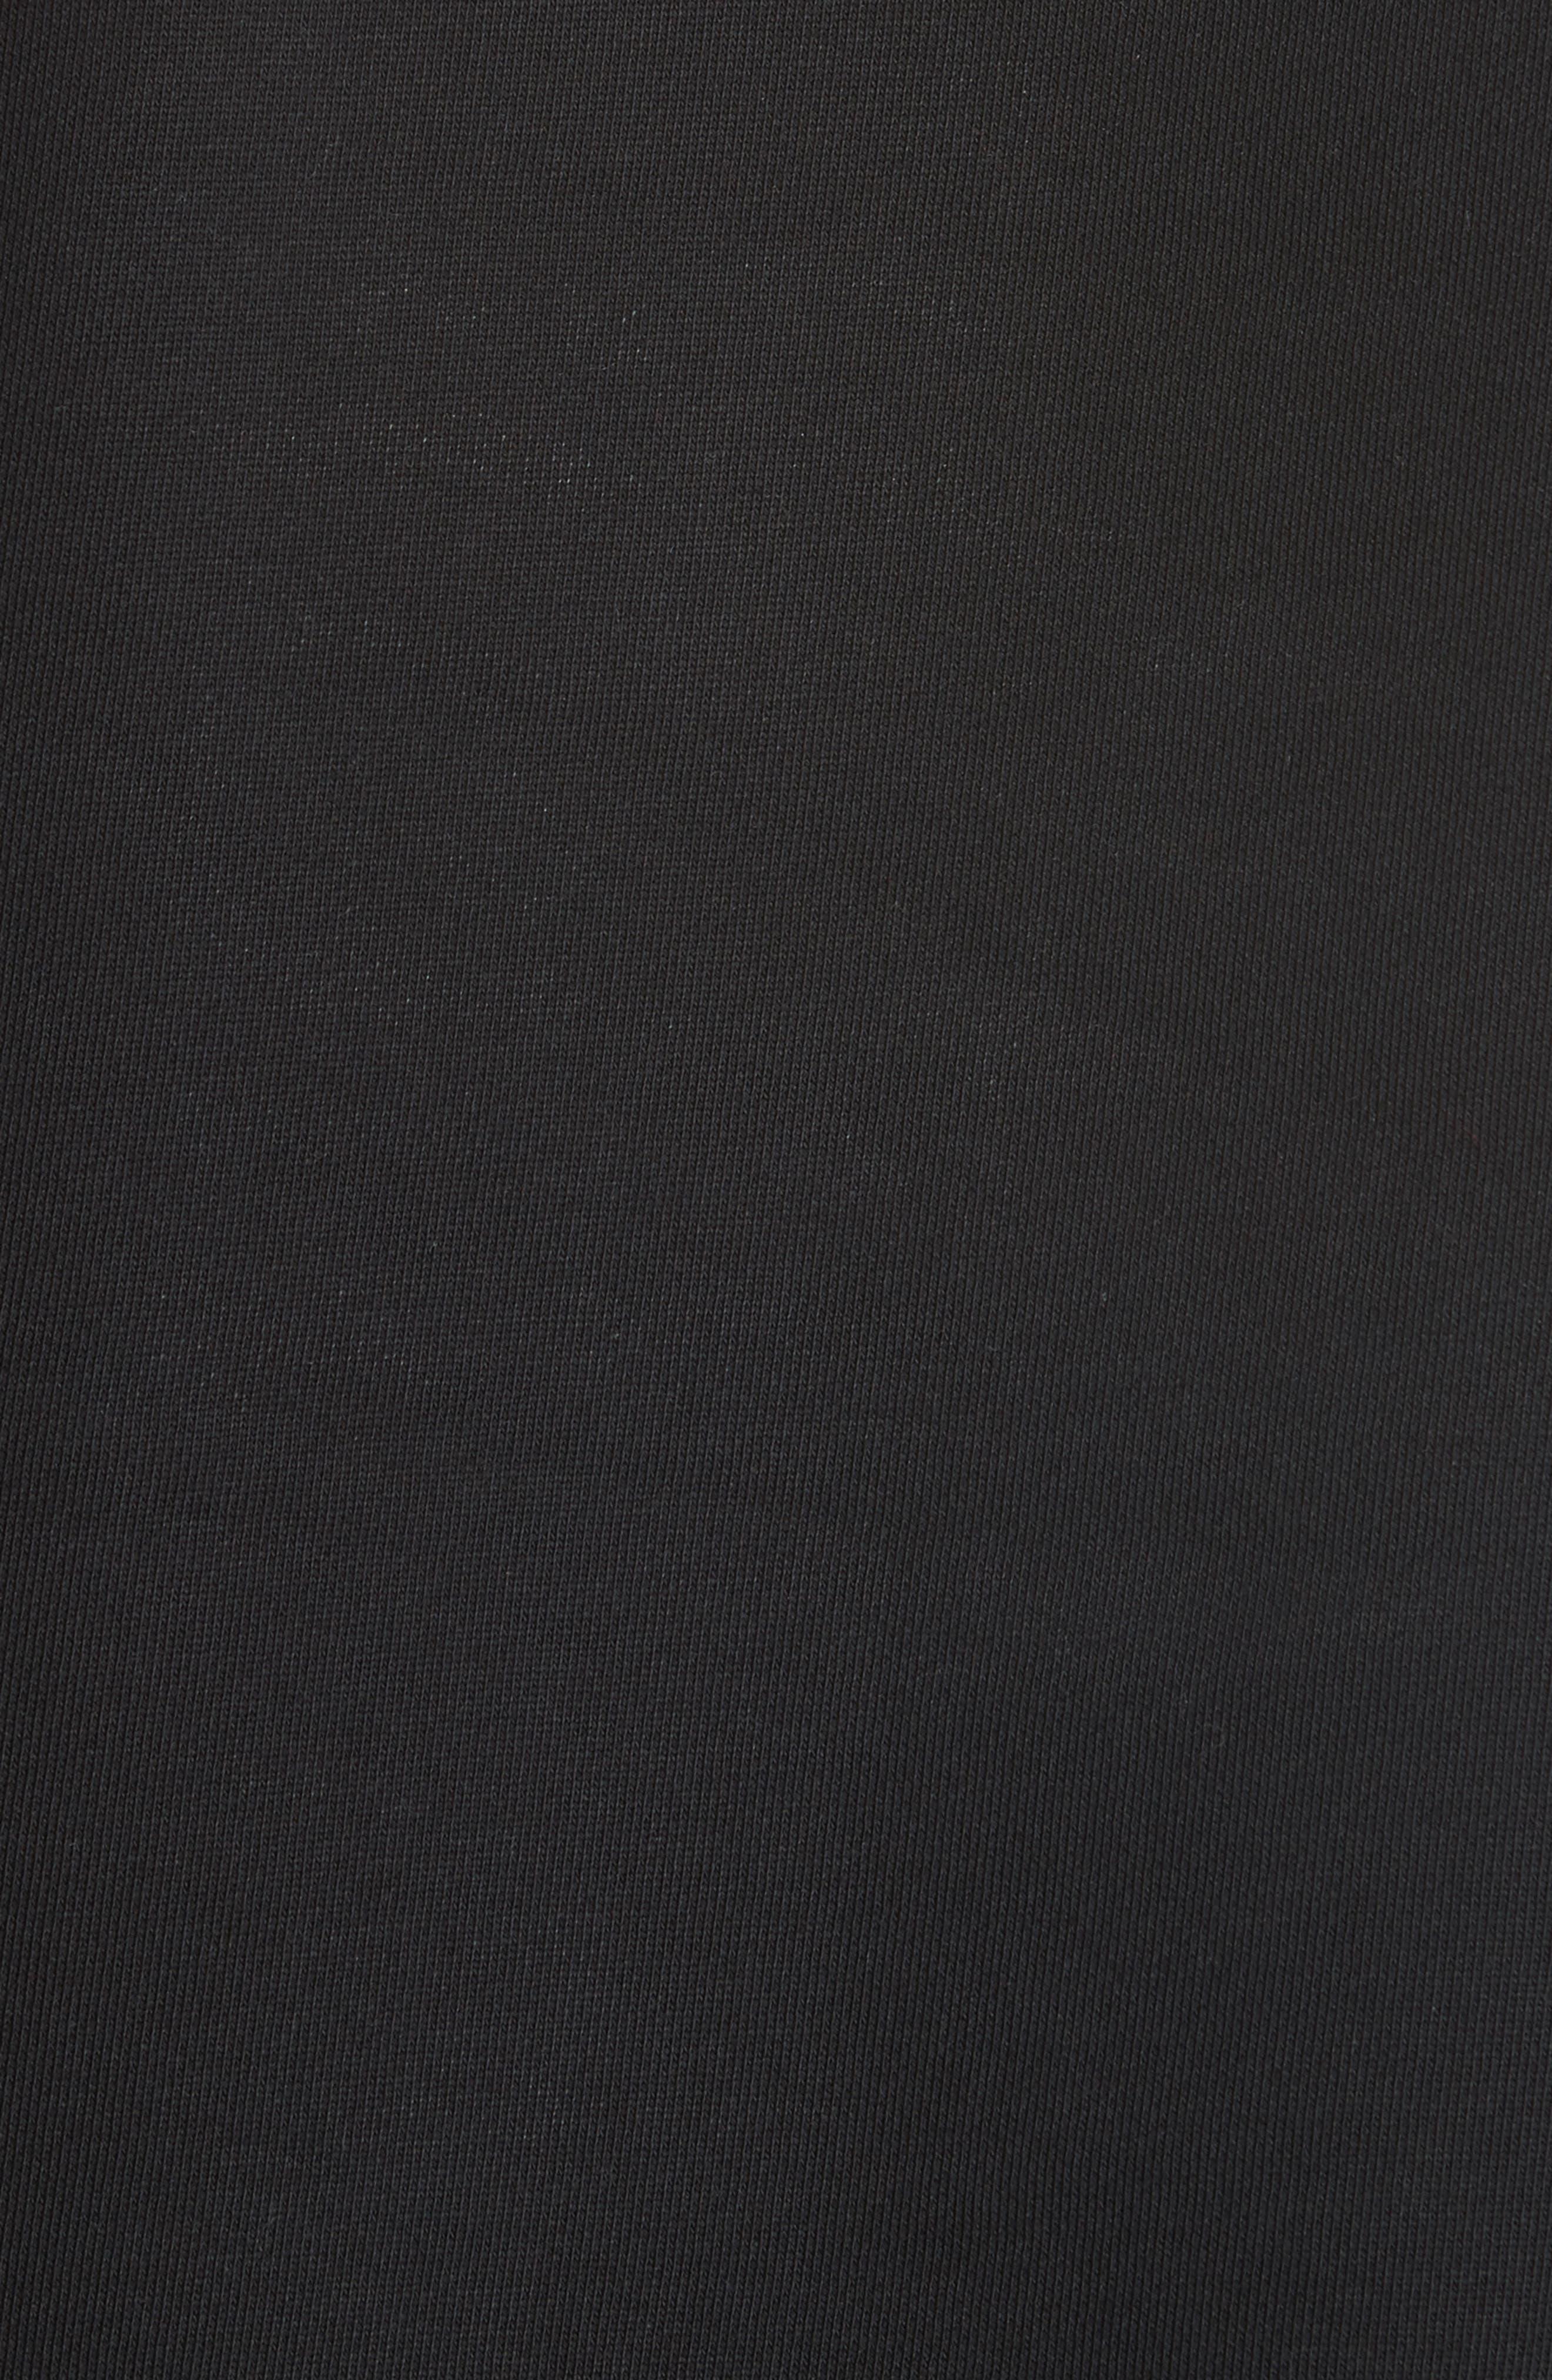 Maglia Big Bell Crewneck Sweatshirt,                             Alternate thumbnail 5, color,                             BLACK